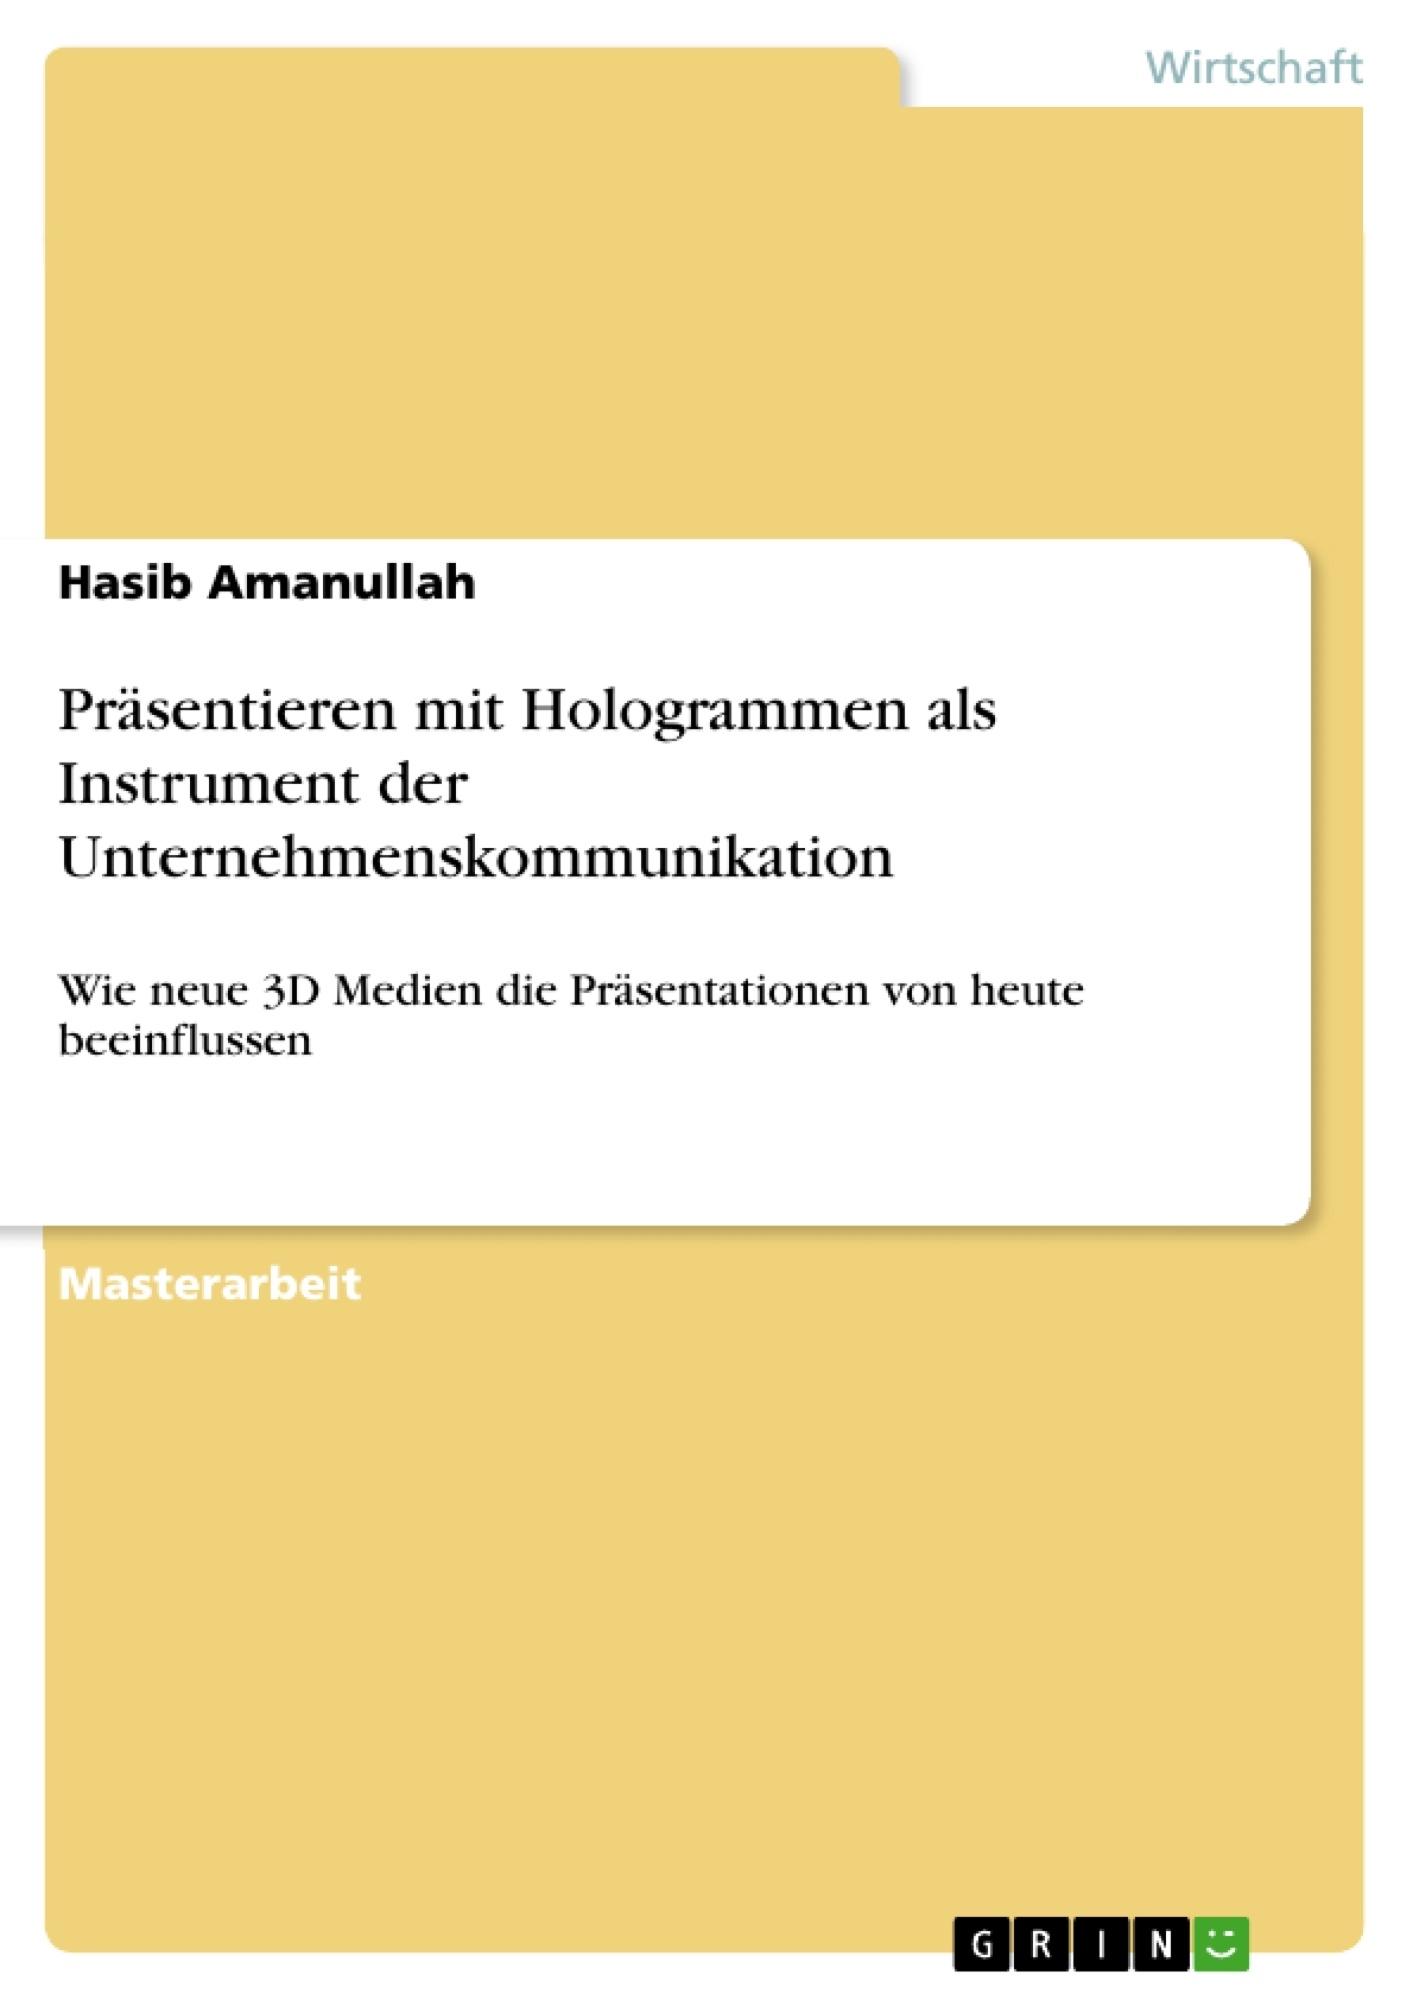 Titel: Präsentieren mit Hologrammen als Instrument der Unternehmenskommunikation